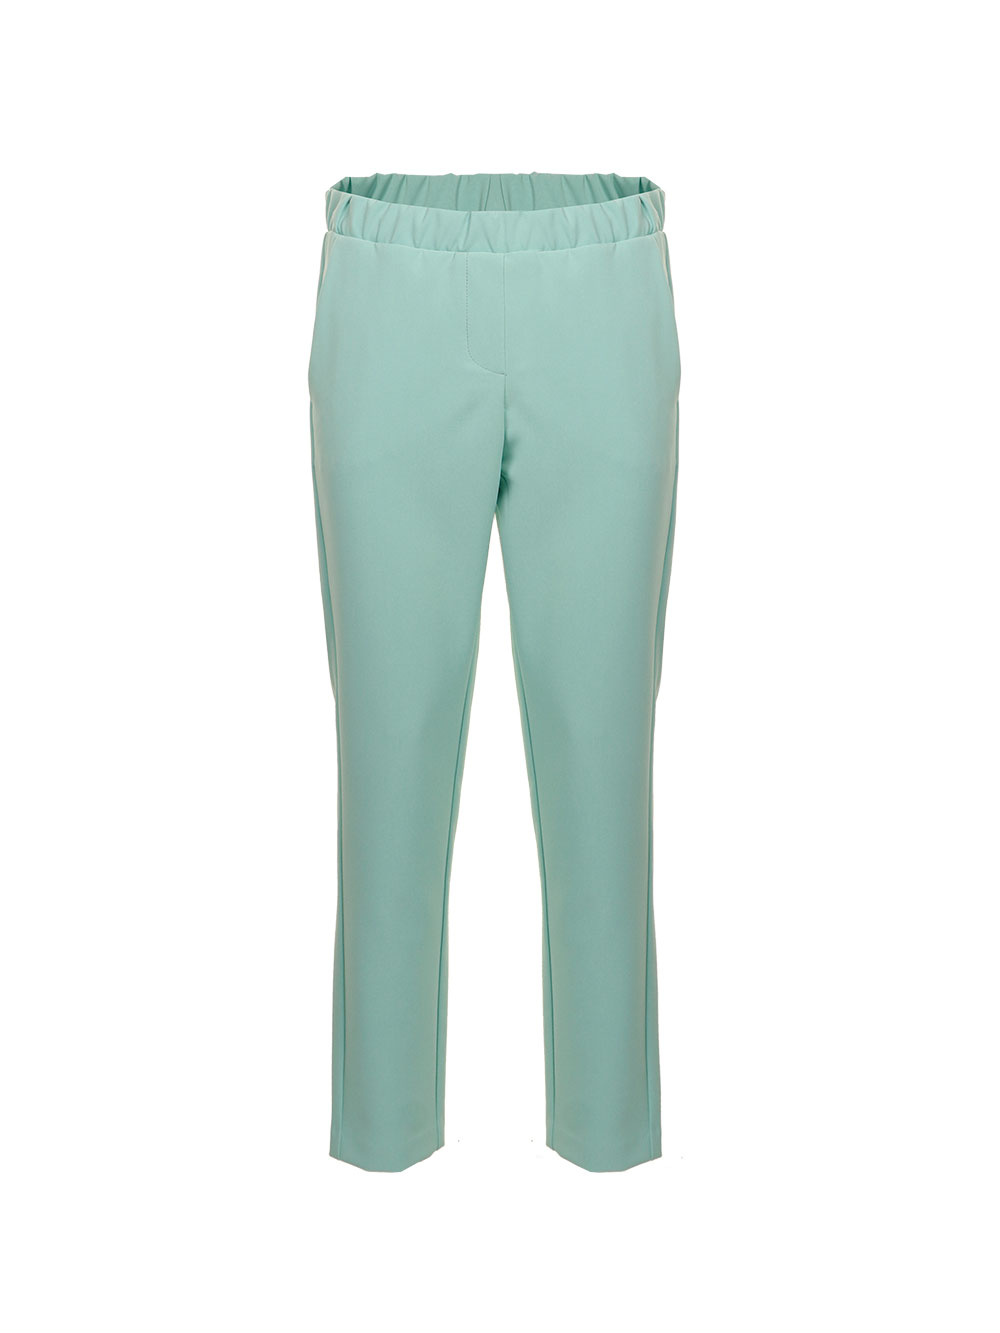 Класичні брюкі на резинці Imperial